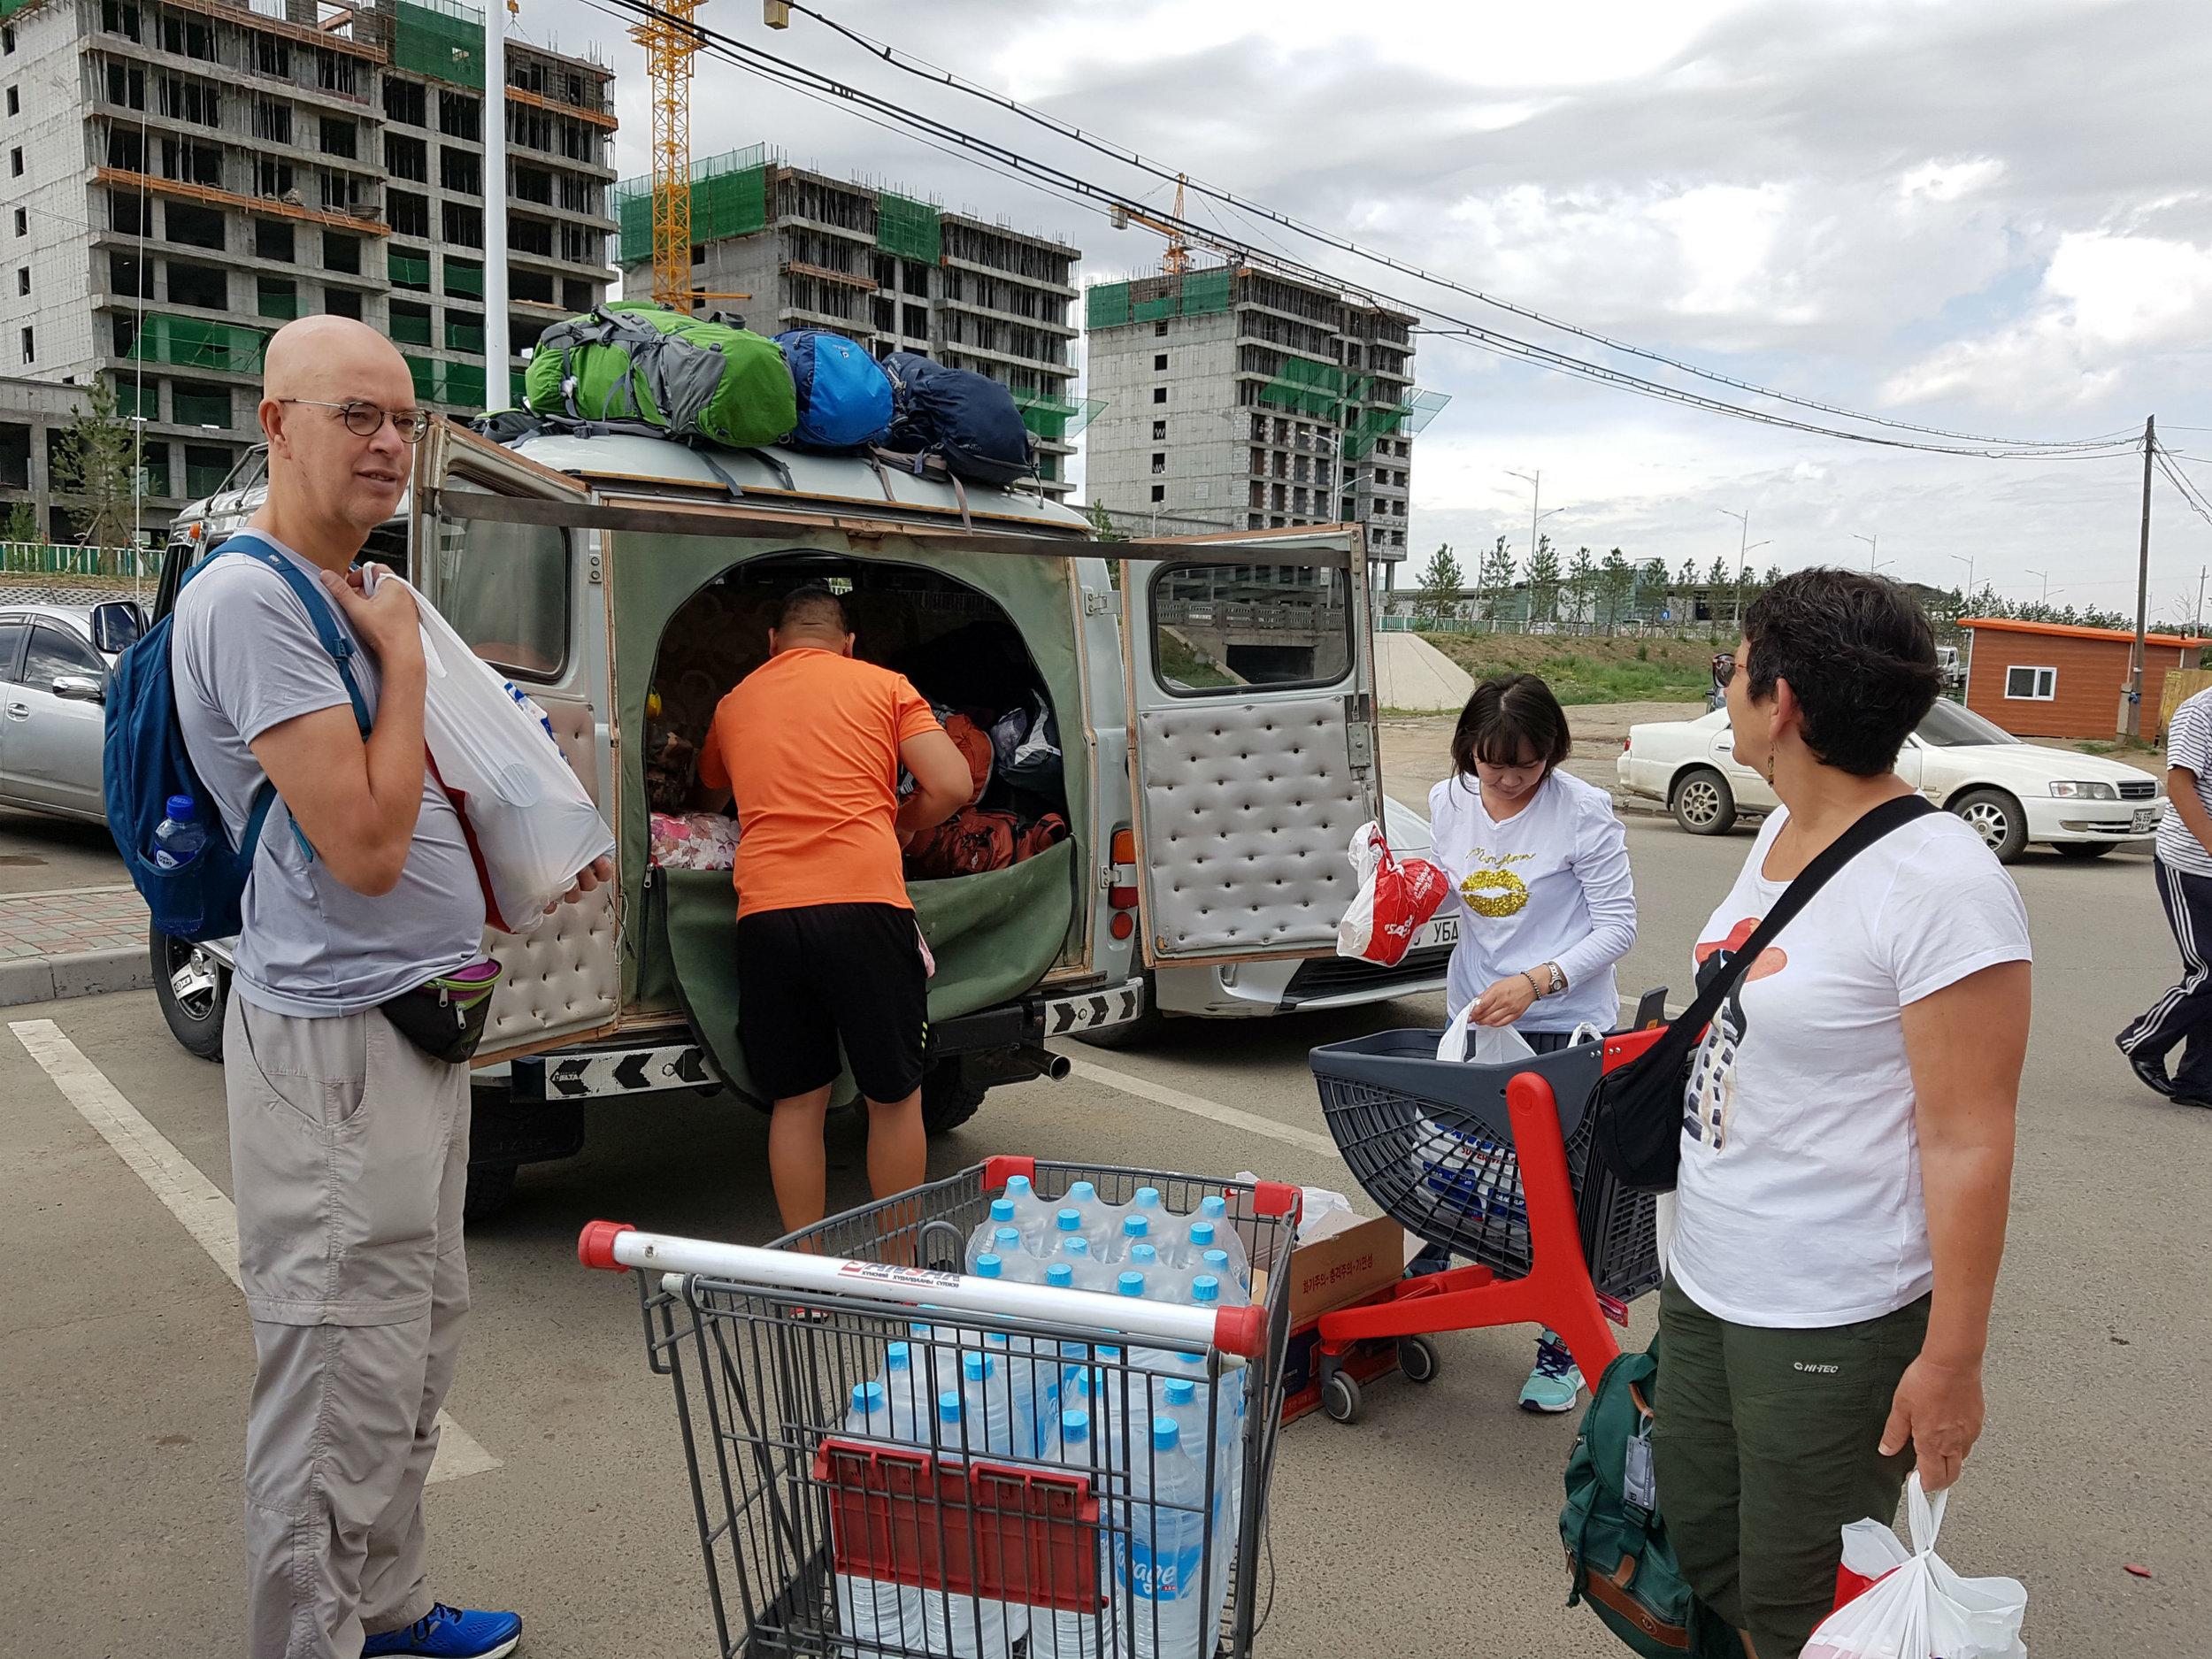 In Ulaanbaatar we loaded food in our van before starting our journey